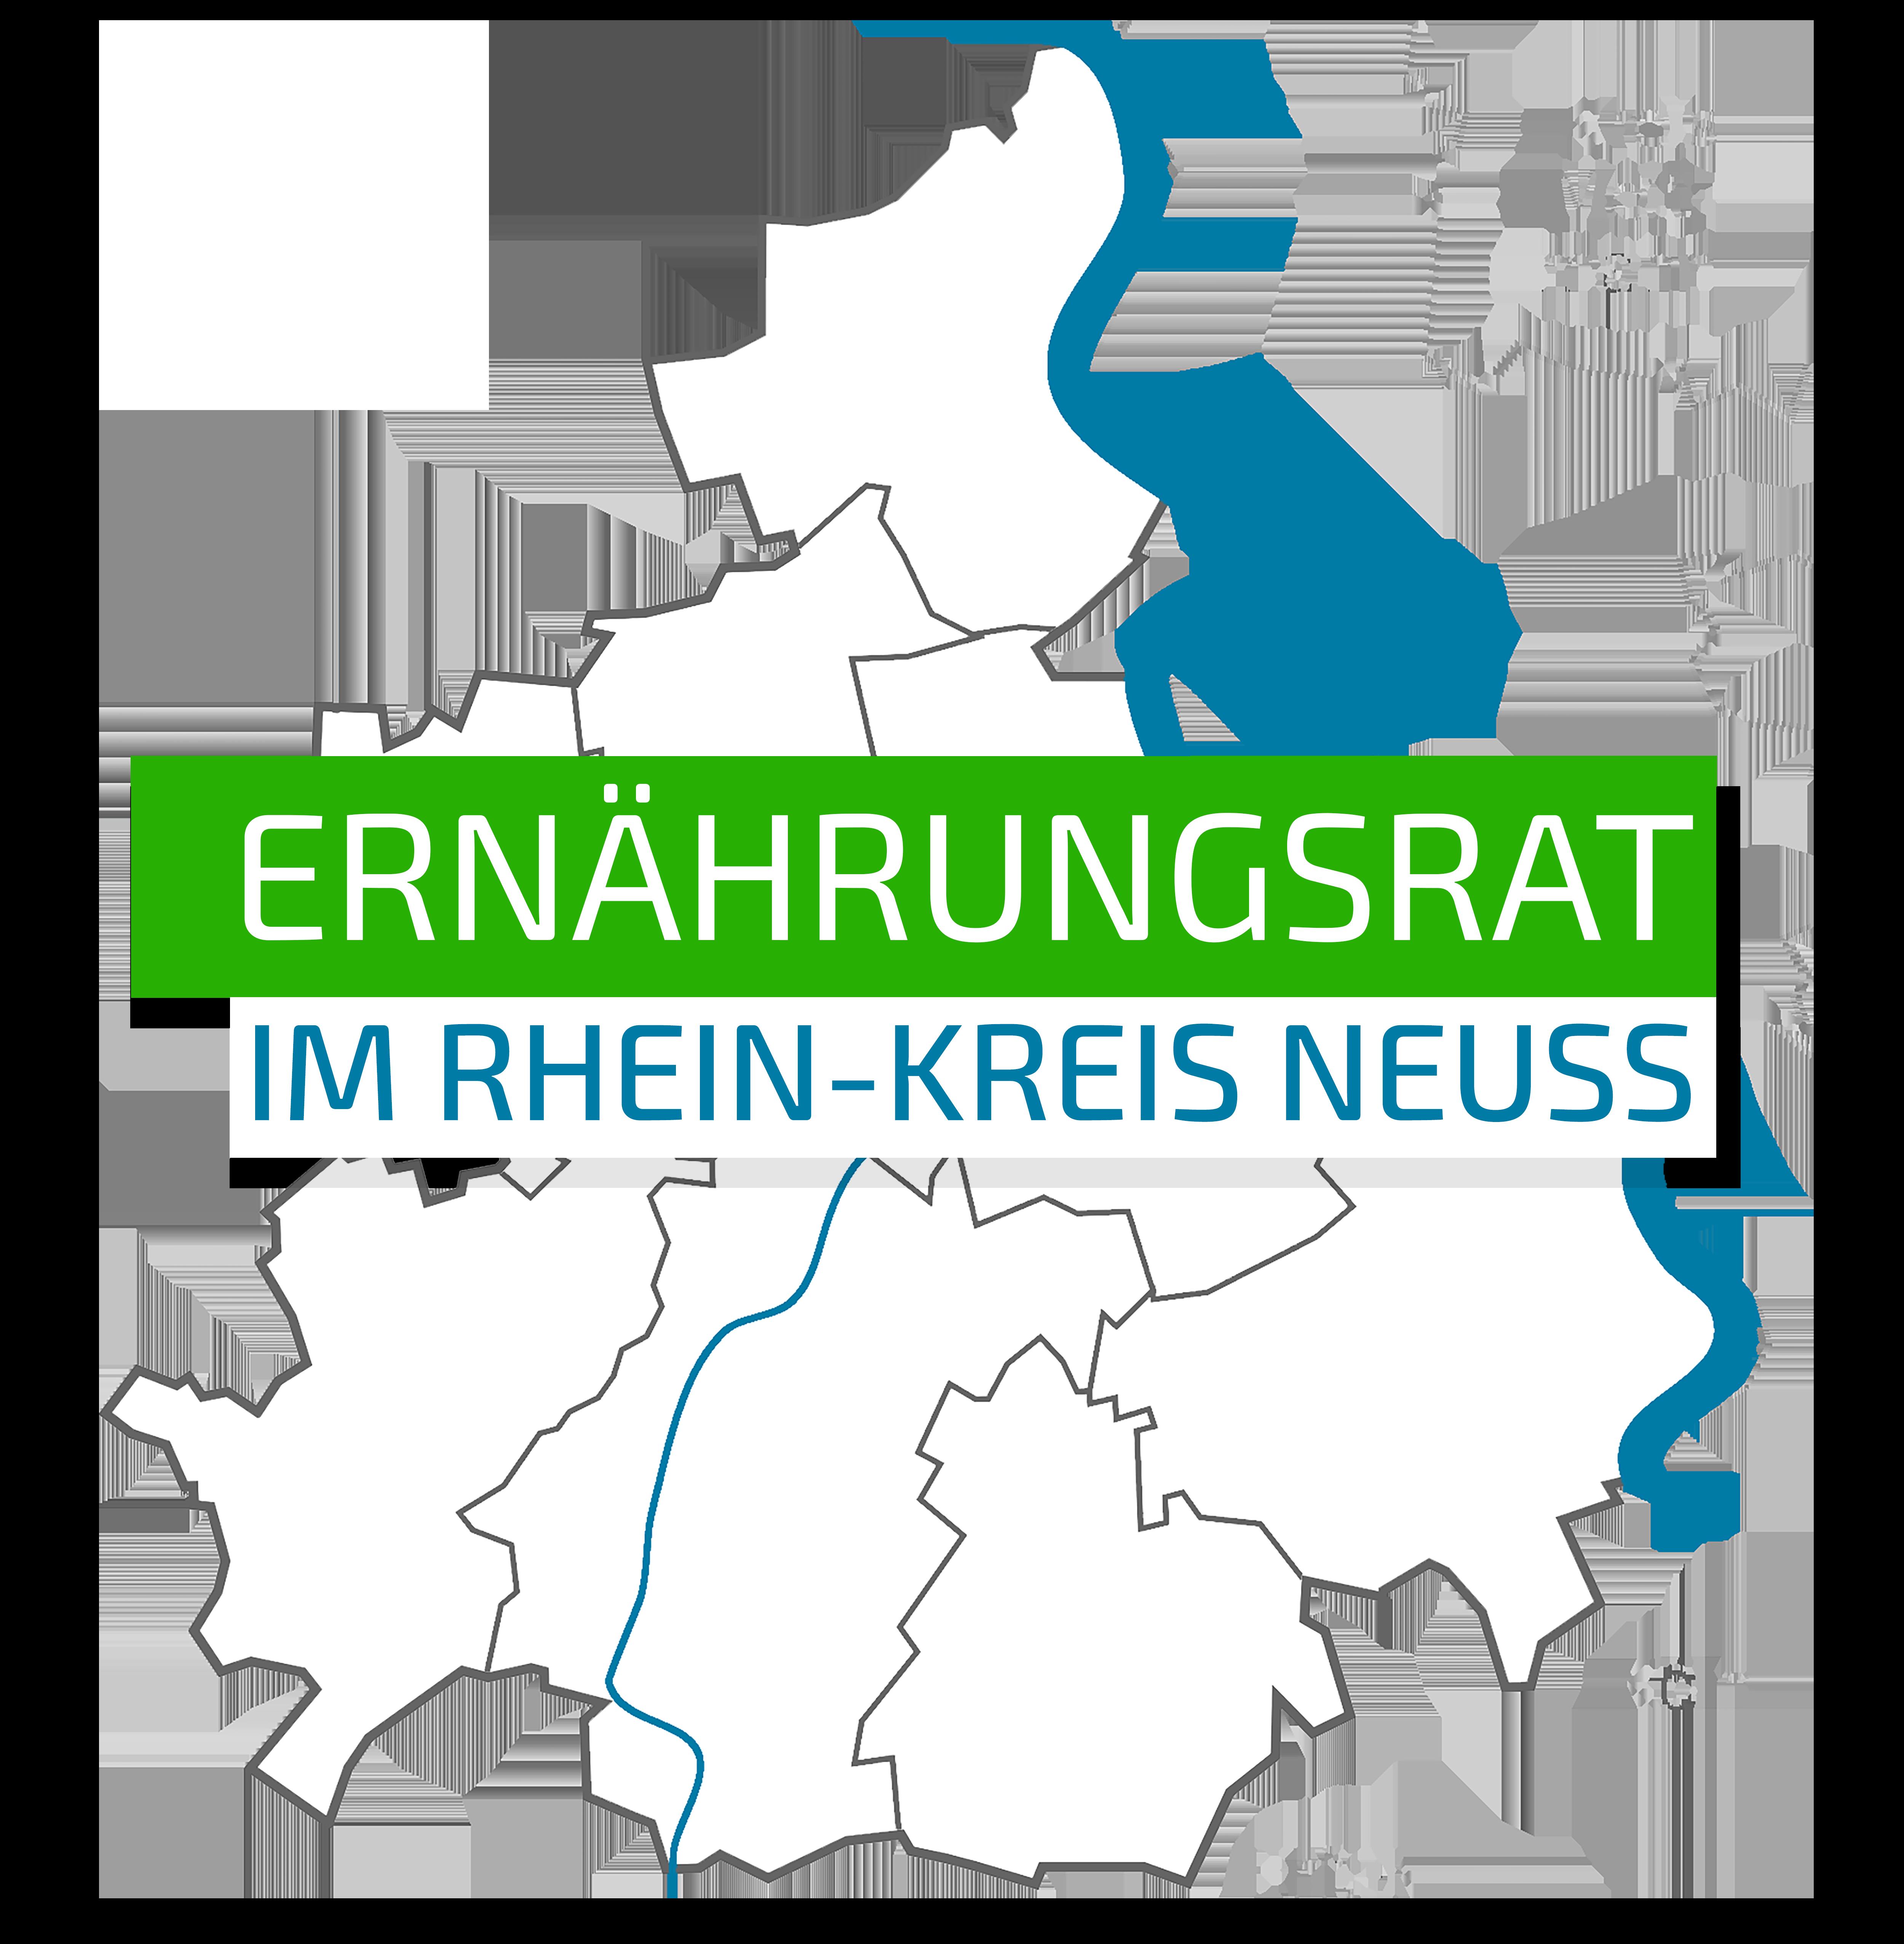 Ernährungsrat im Rhein-Kreis Neuss